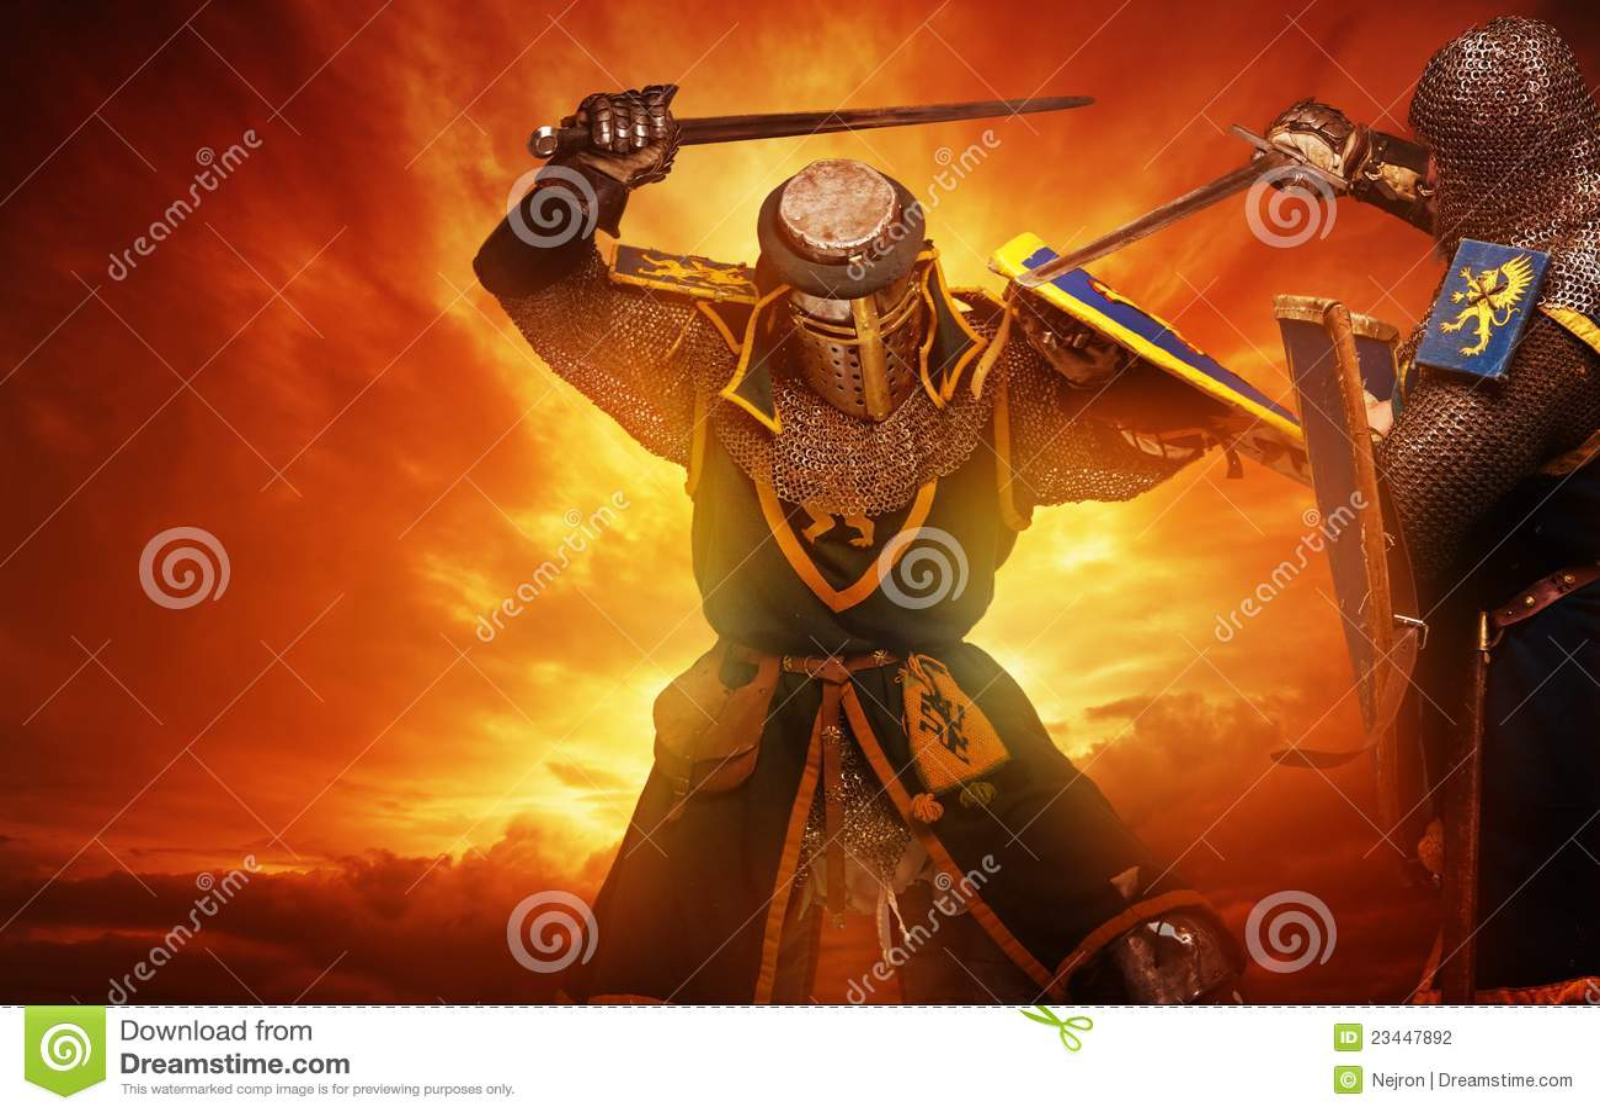 Duas lutas medievais dos cavaleiros de encontro ao céu tormentoso